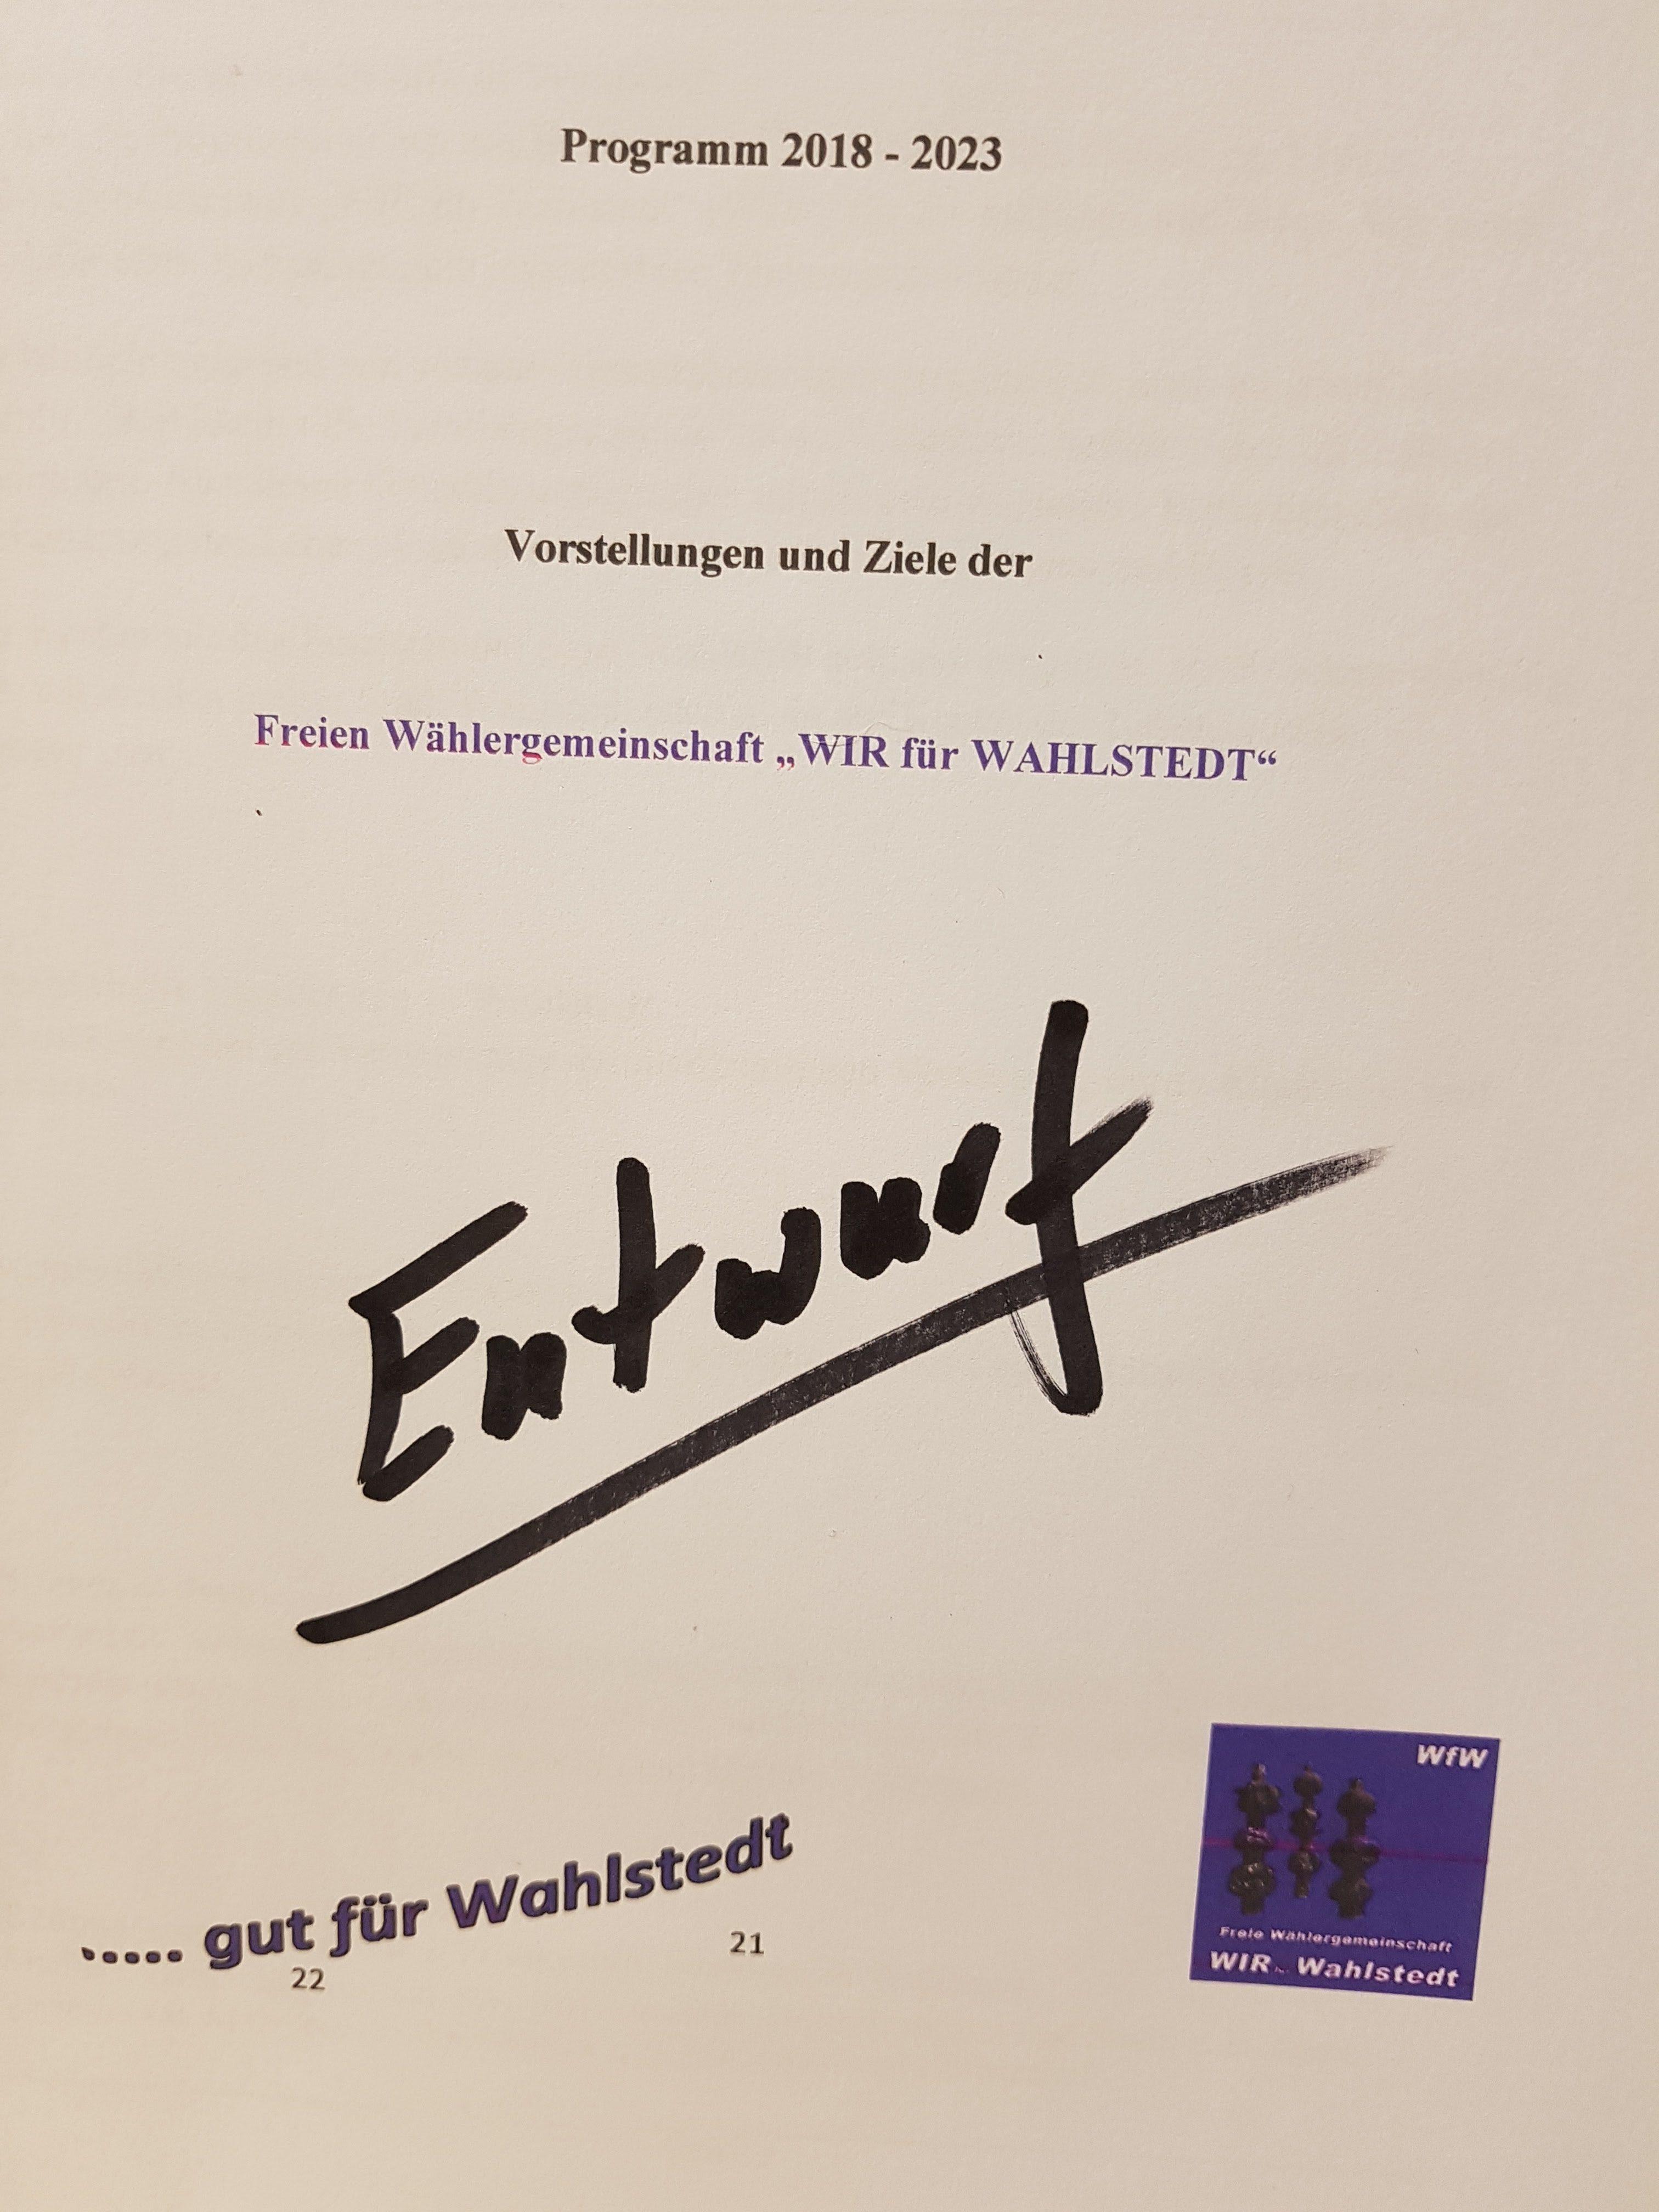 WfW, Programm-Erarbeitung für die Zeit 2018 – 2023